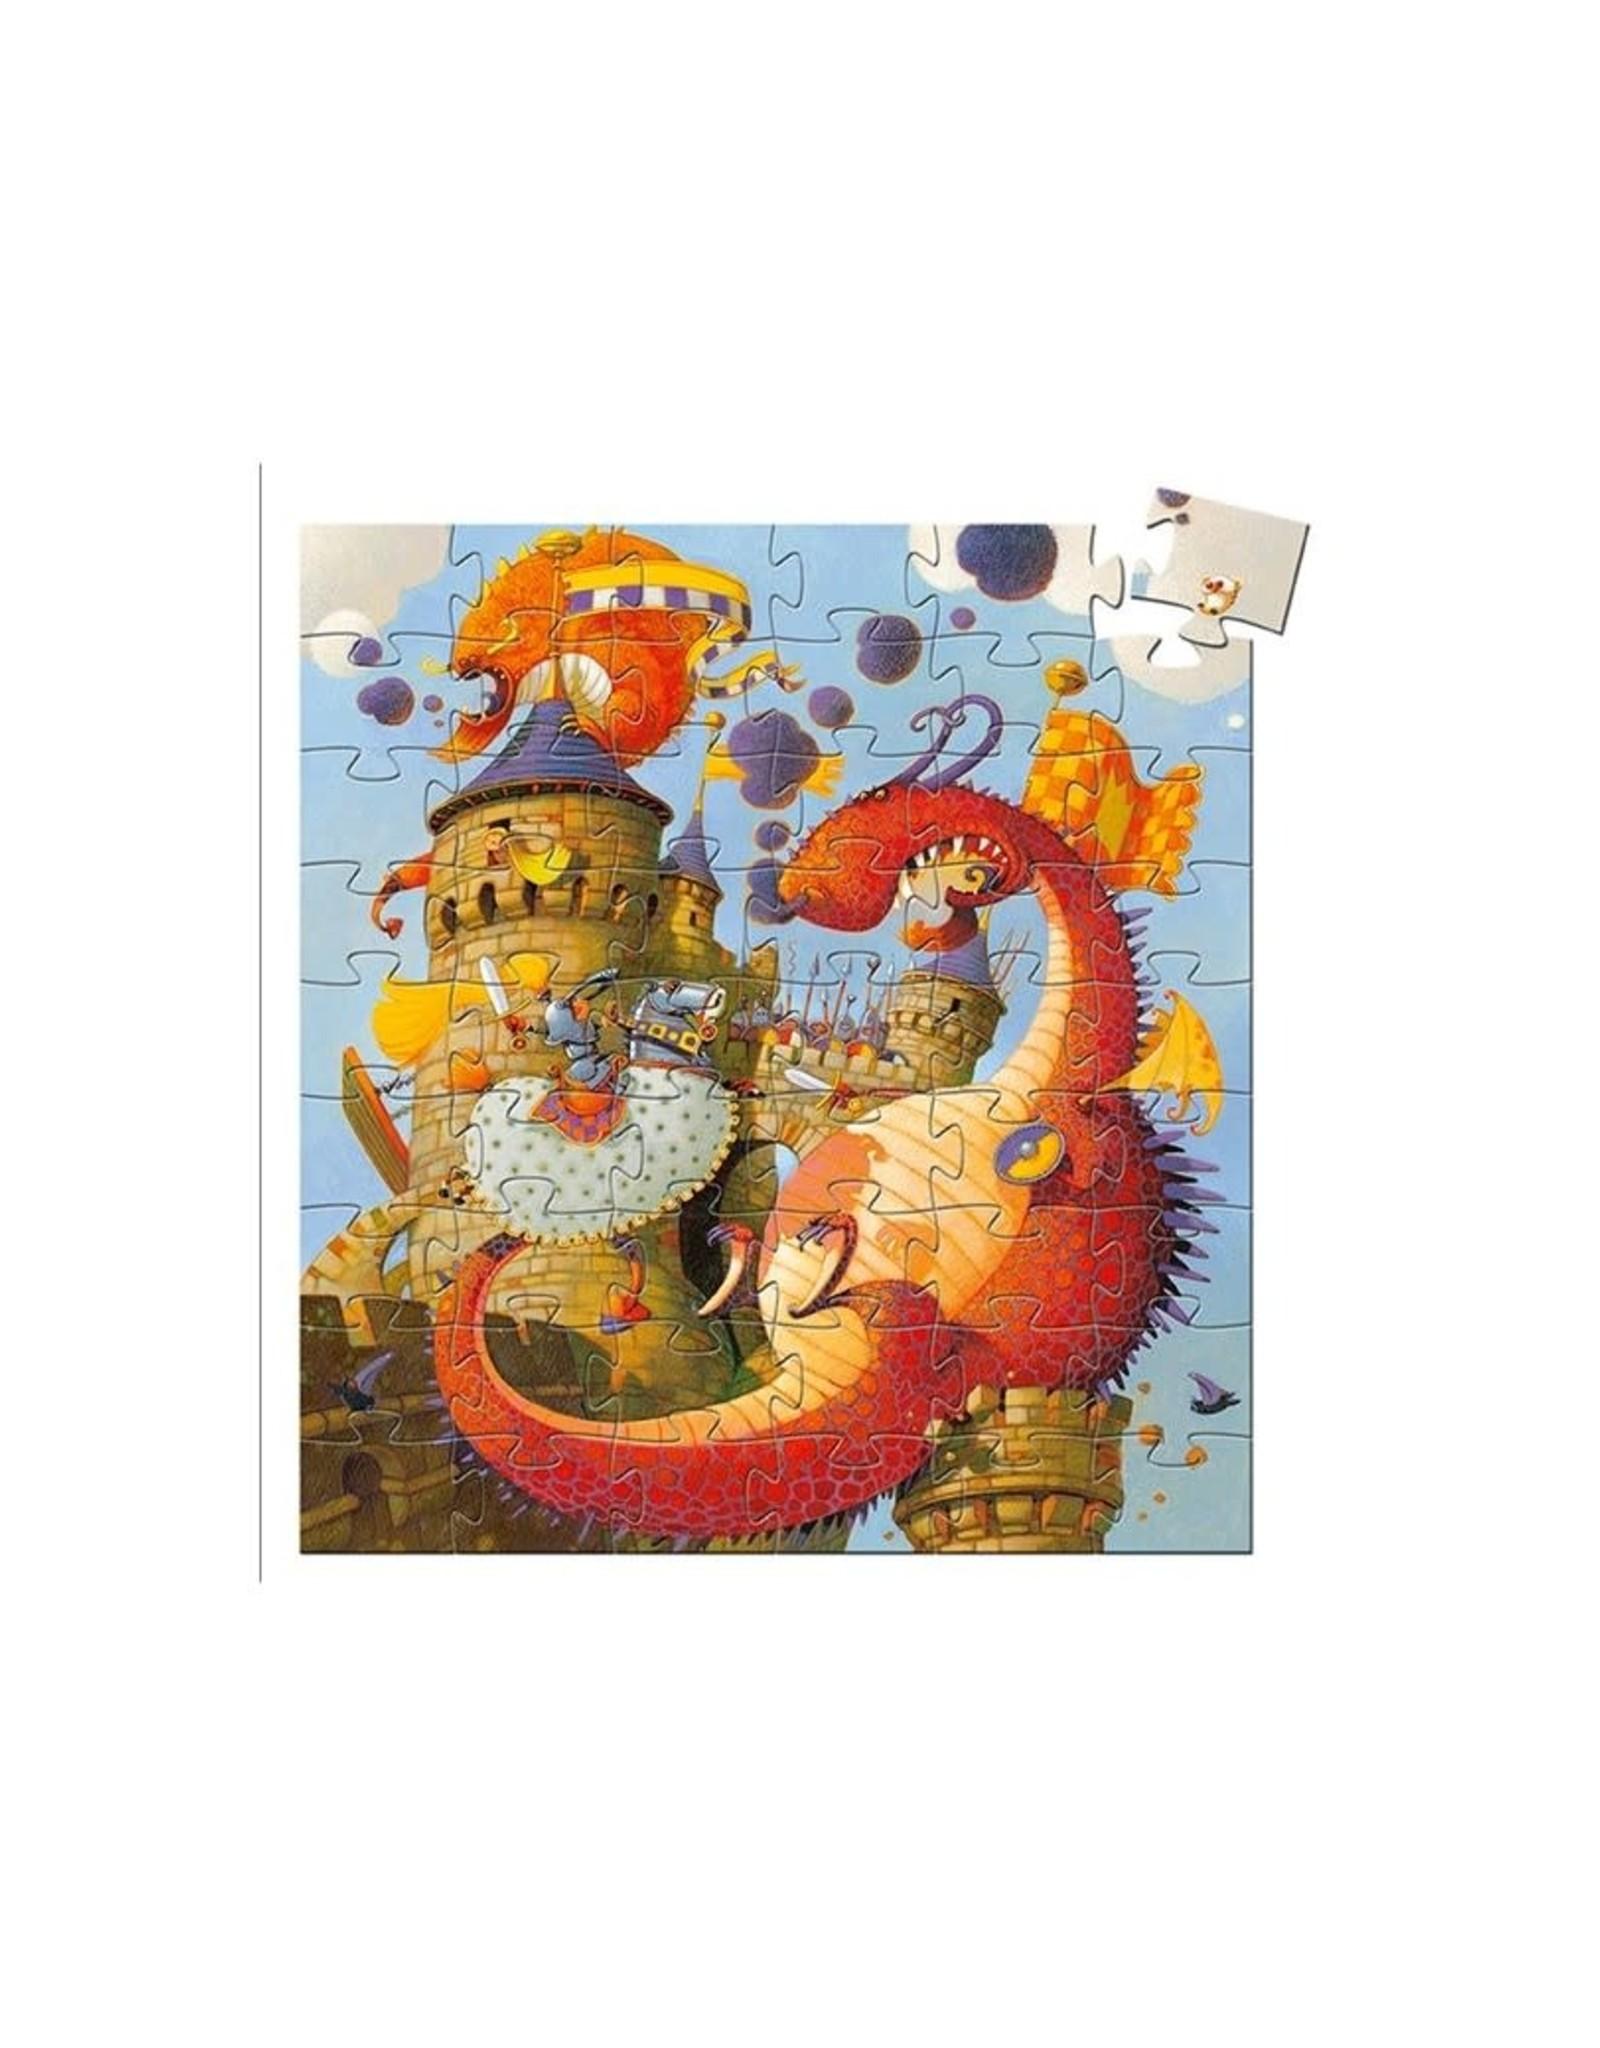 Djeco Djeco Silhouette Puzzle Vaillant and the dragon